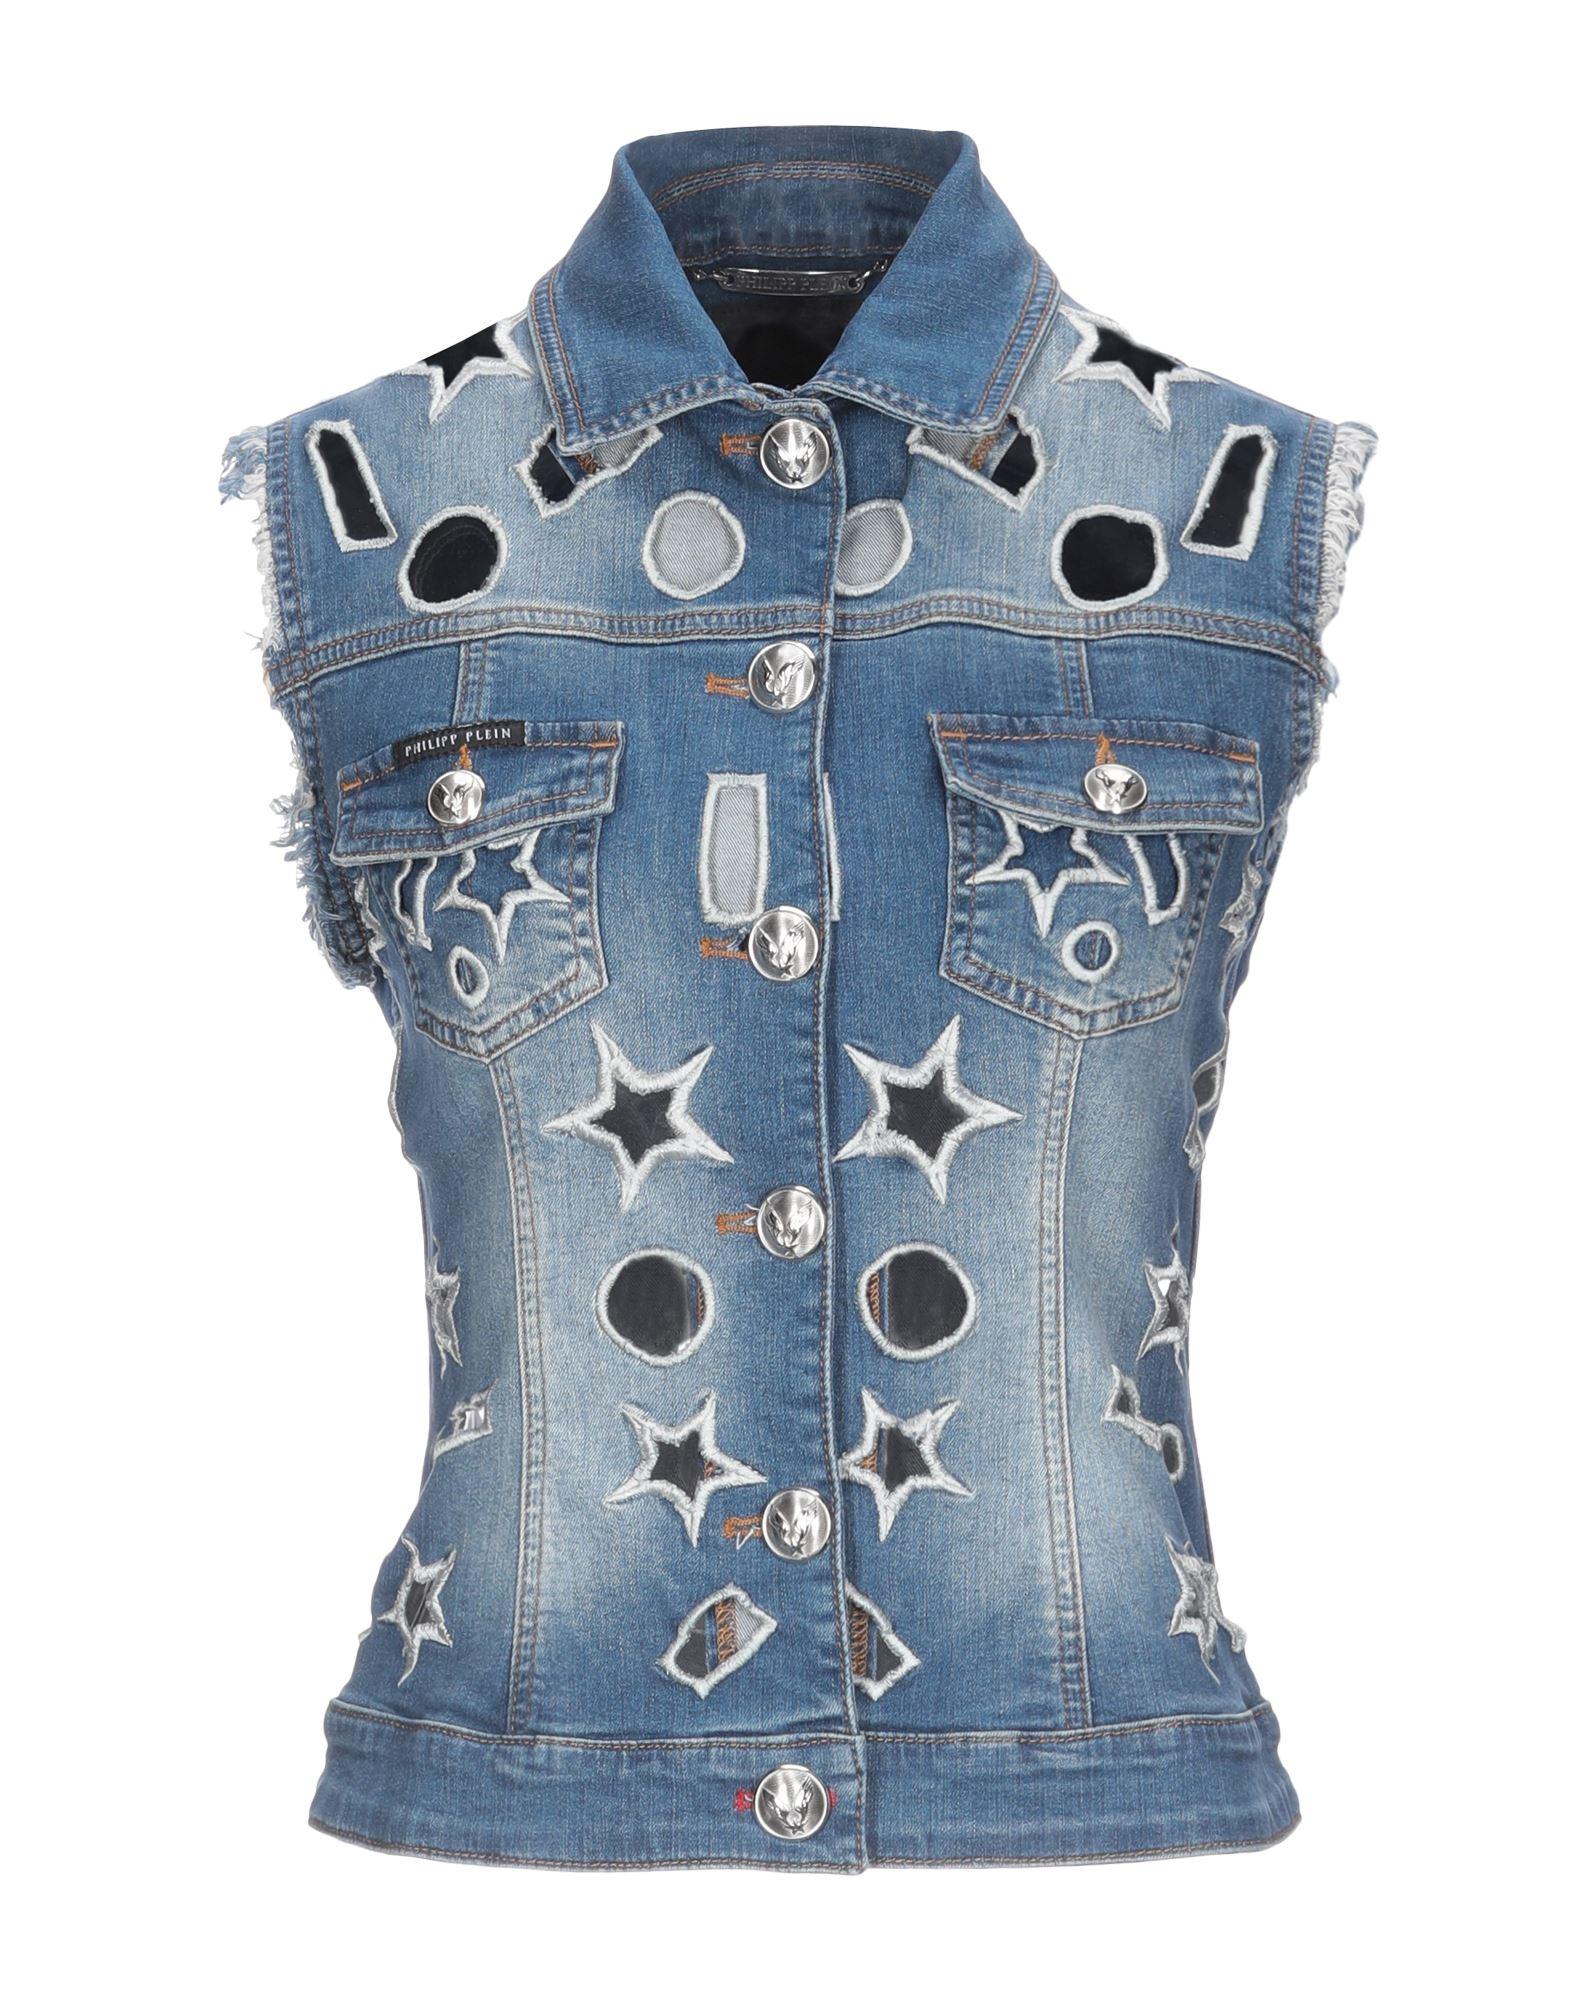 Фото - PHILIPP PLEIN Джинсовая верхняя одежда goldsign джинсовая верхняя одежда